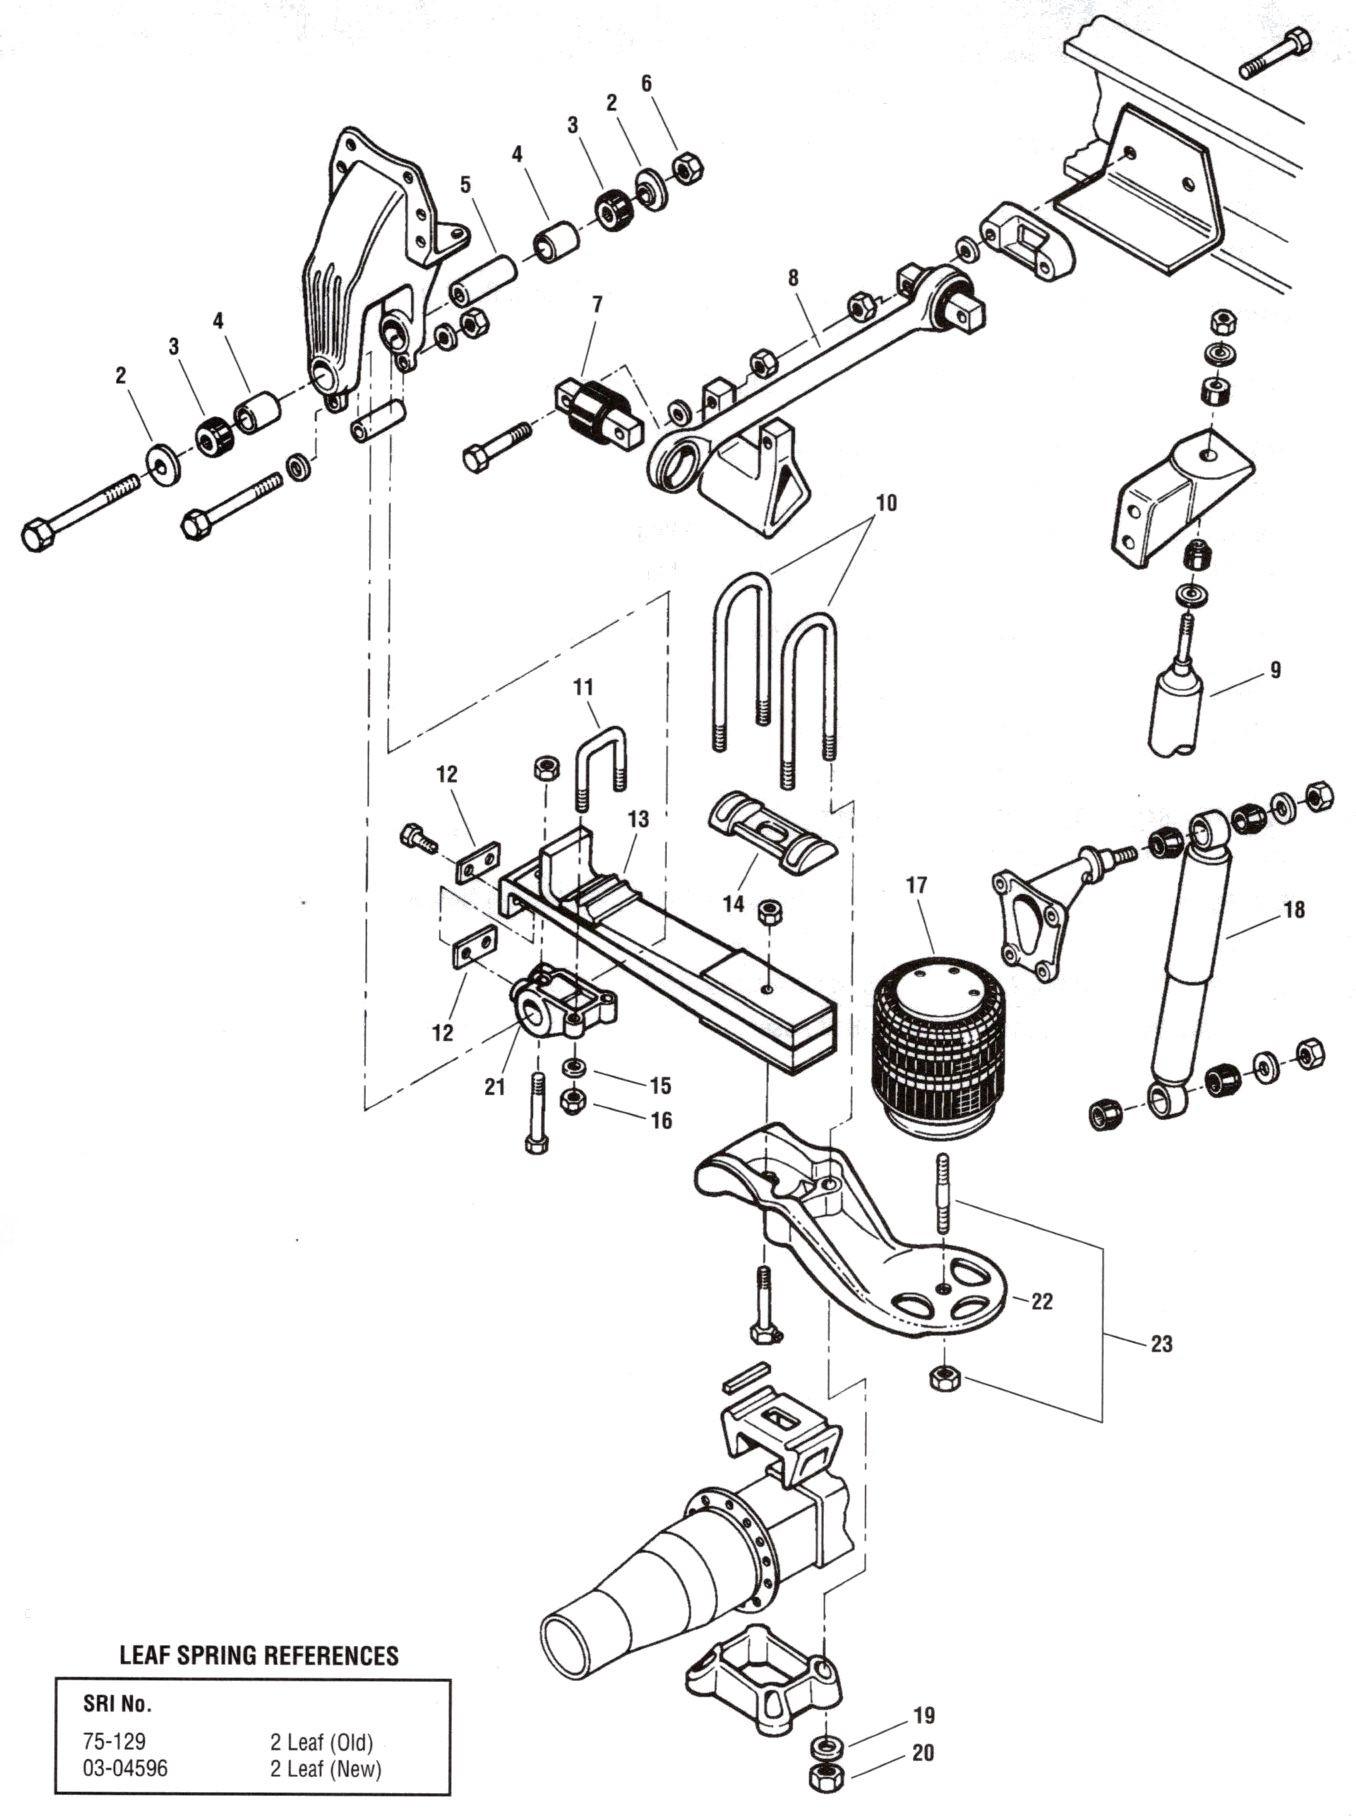 Freightliner Air Tank Diagram Peterbilt Air Leaf Suspension Of Freightliner Air Tank Diagram